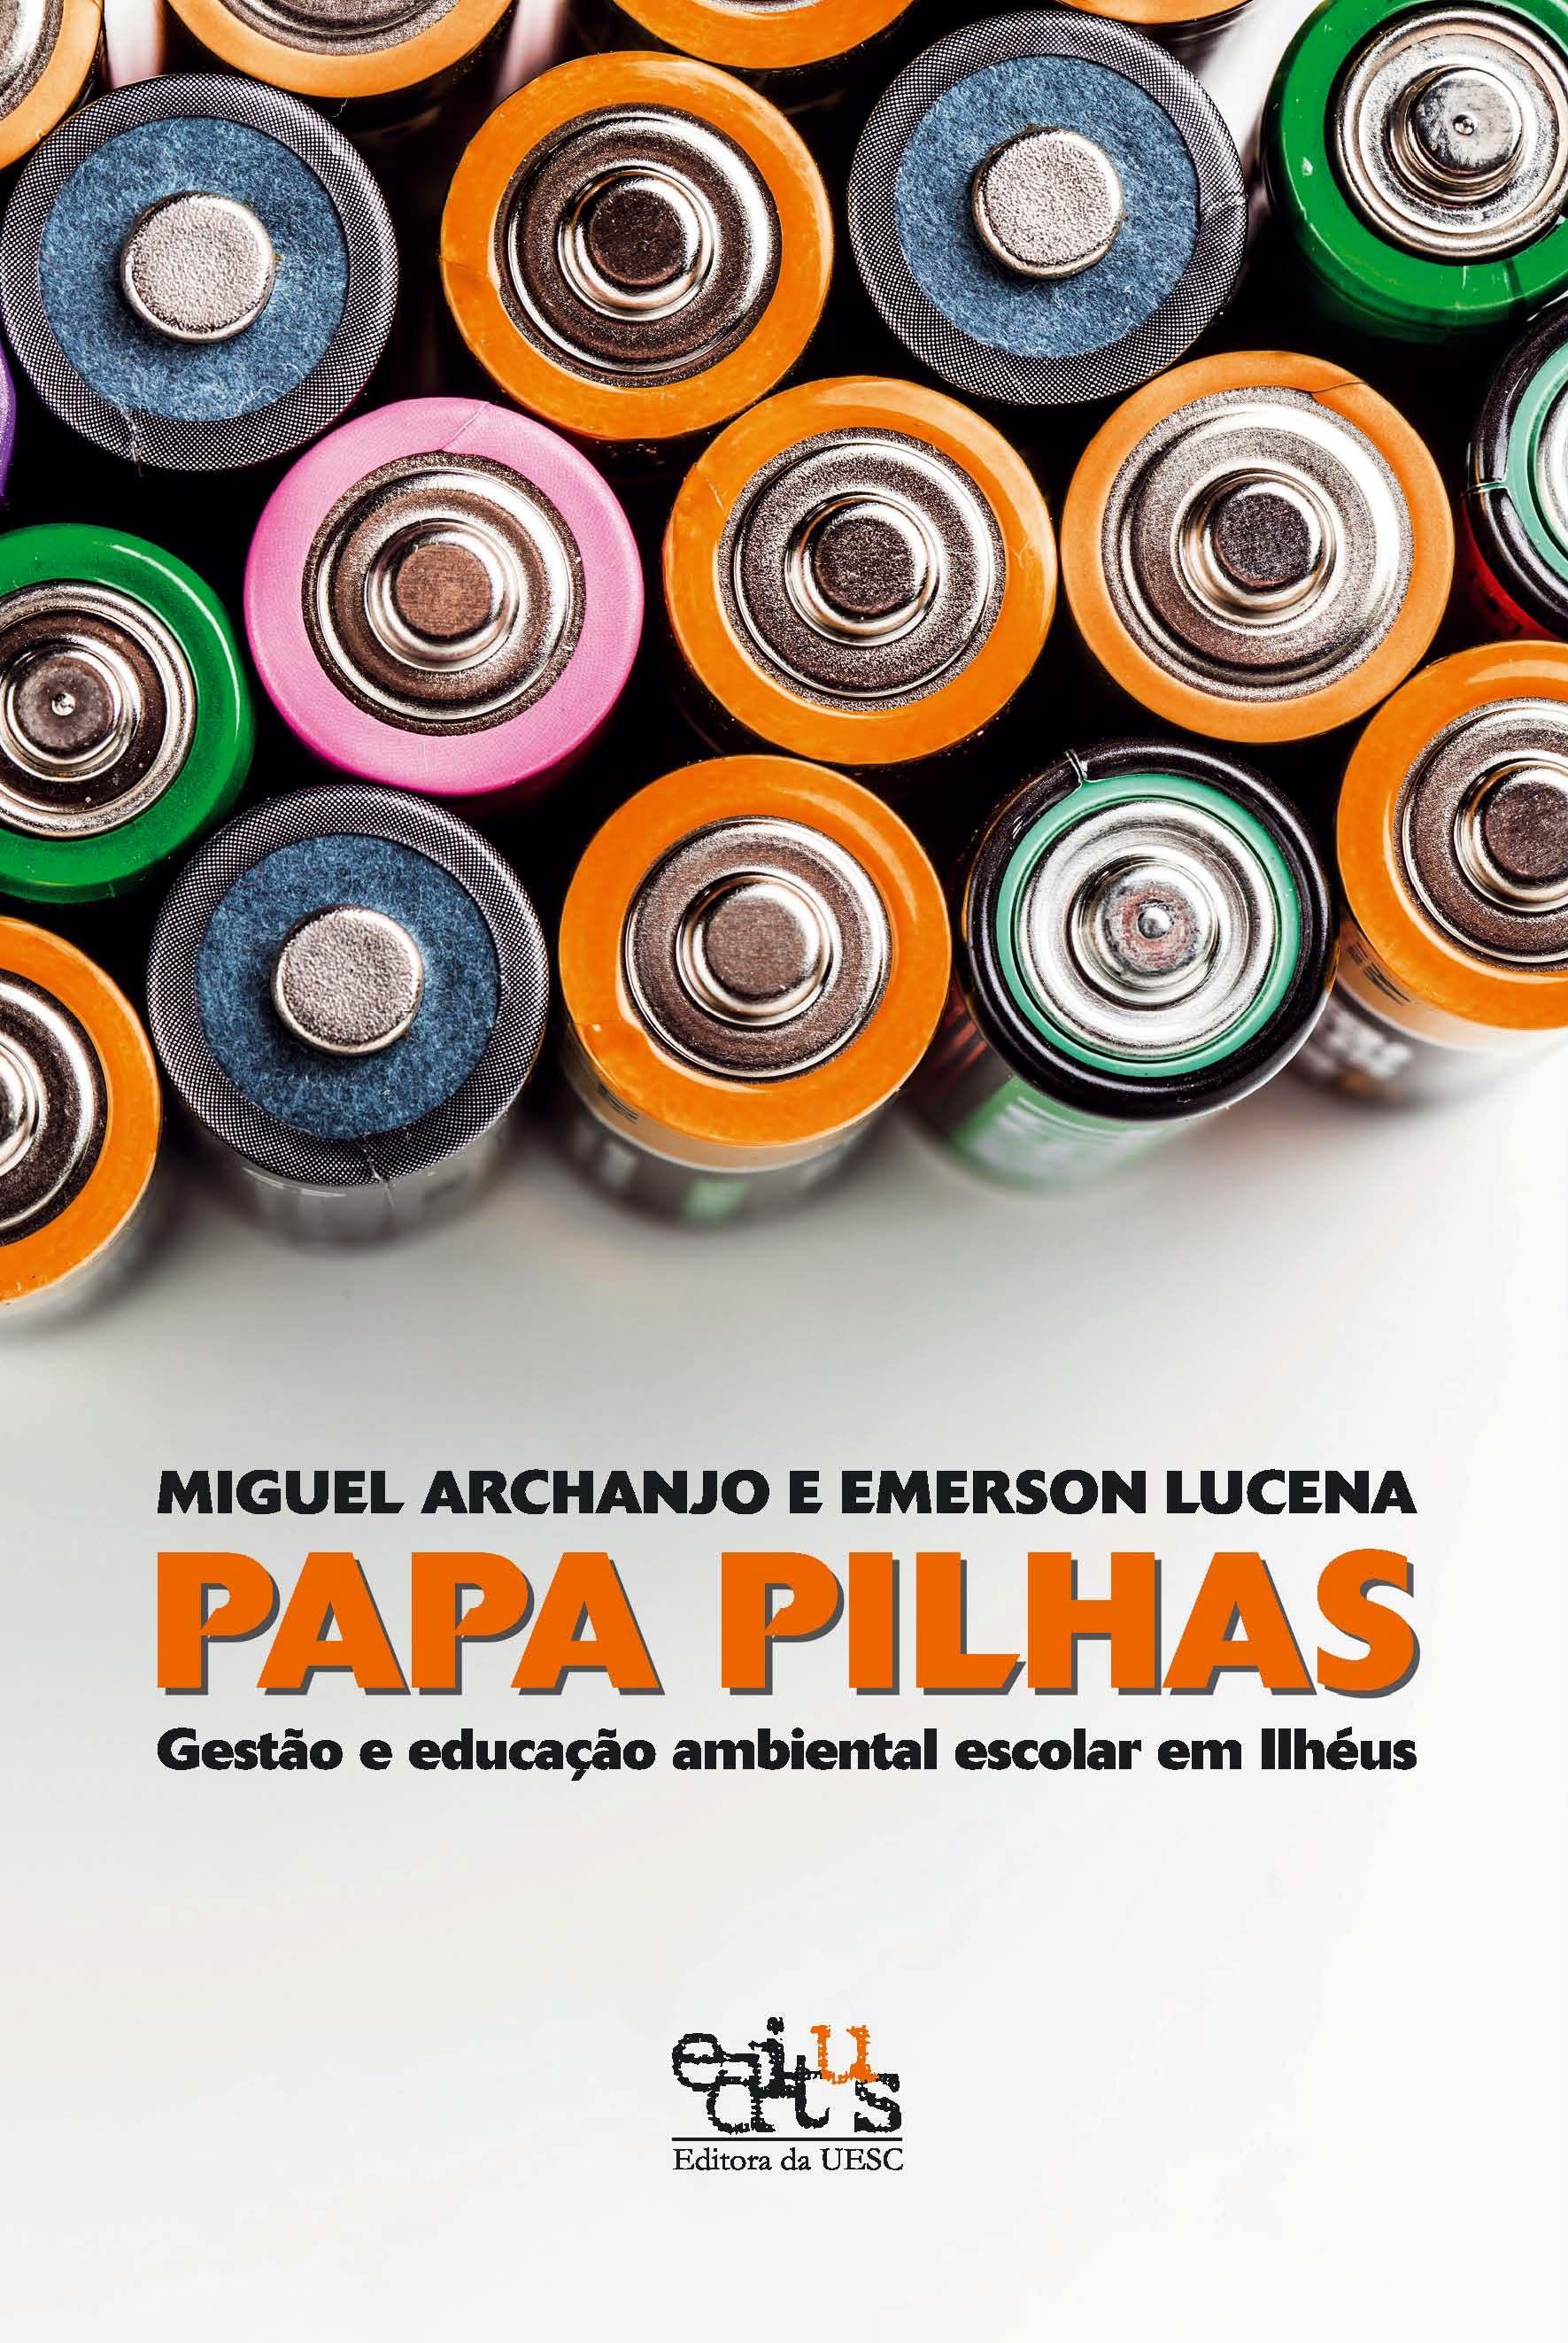 Papa pilhas. Gestão e educação ambiental escolar em Ilhéus, livro de Miguel Archanjo, Emerson Lucena